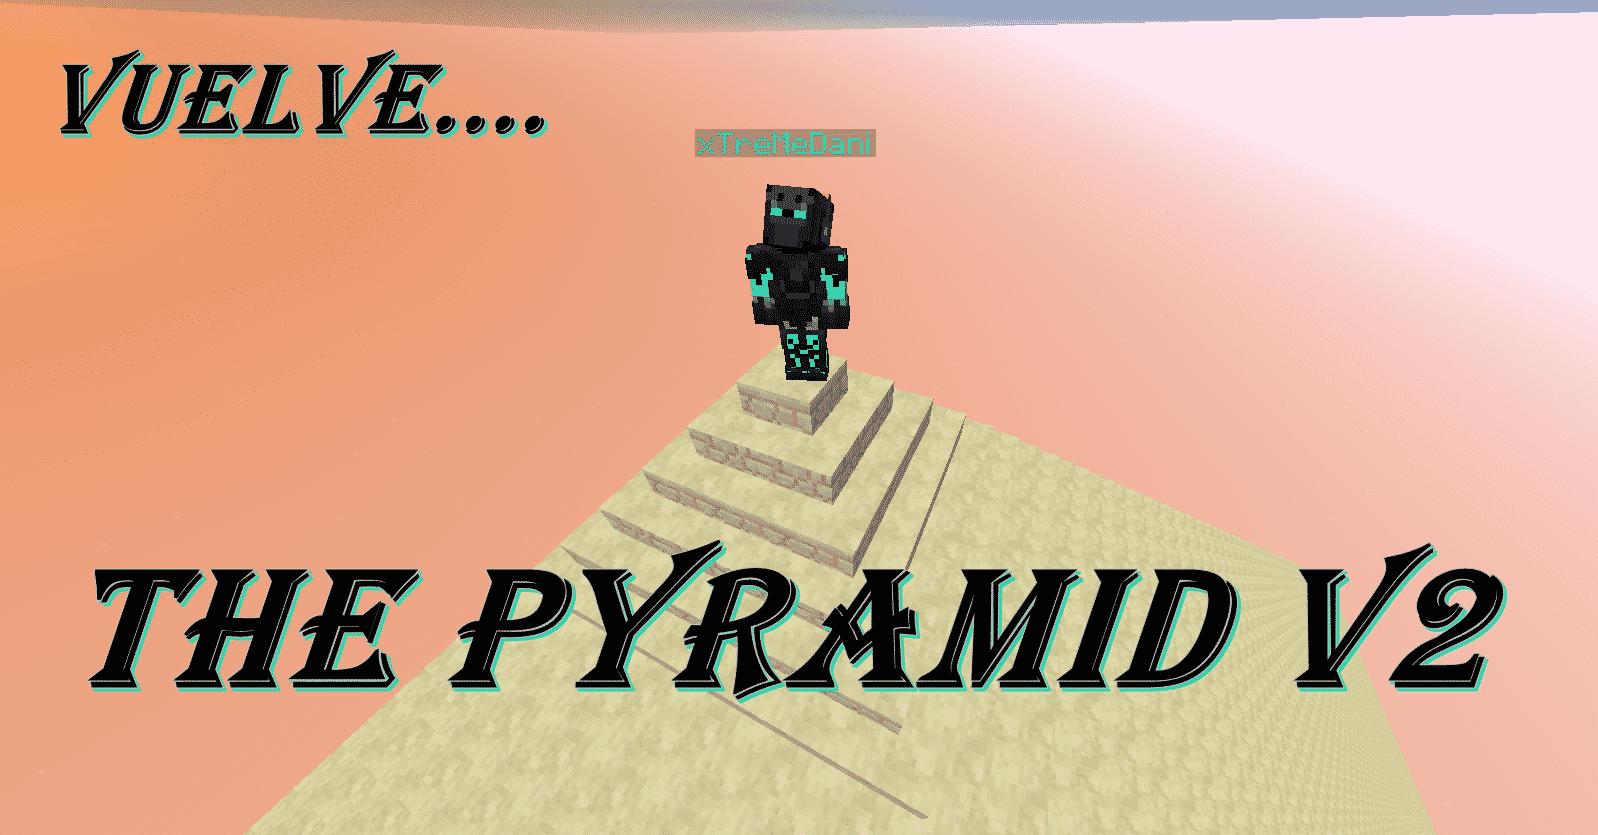 The Pyramid v2